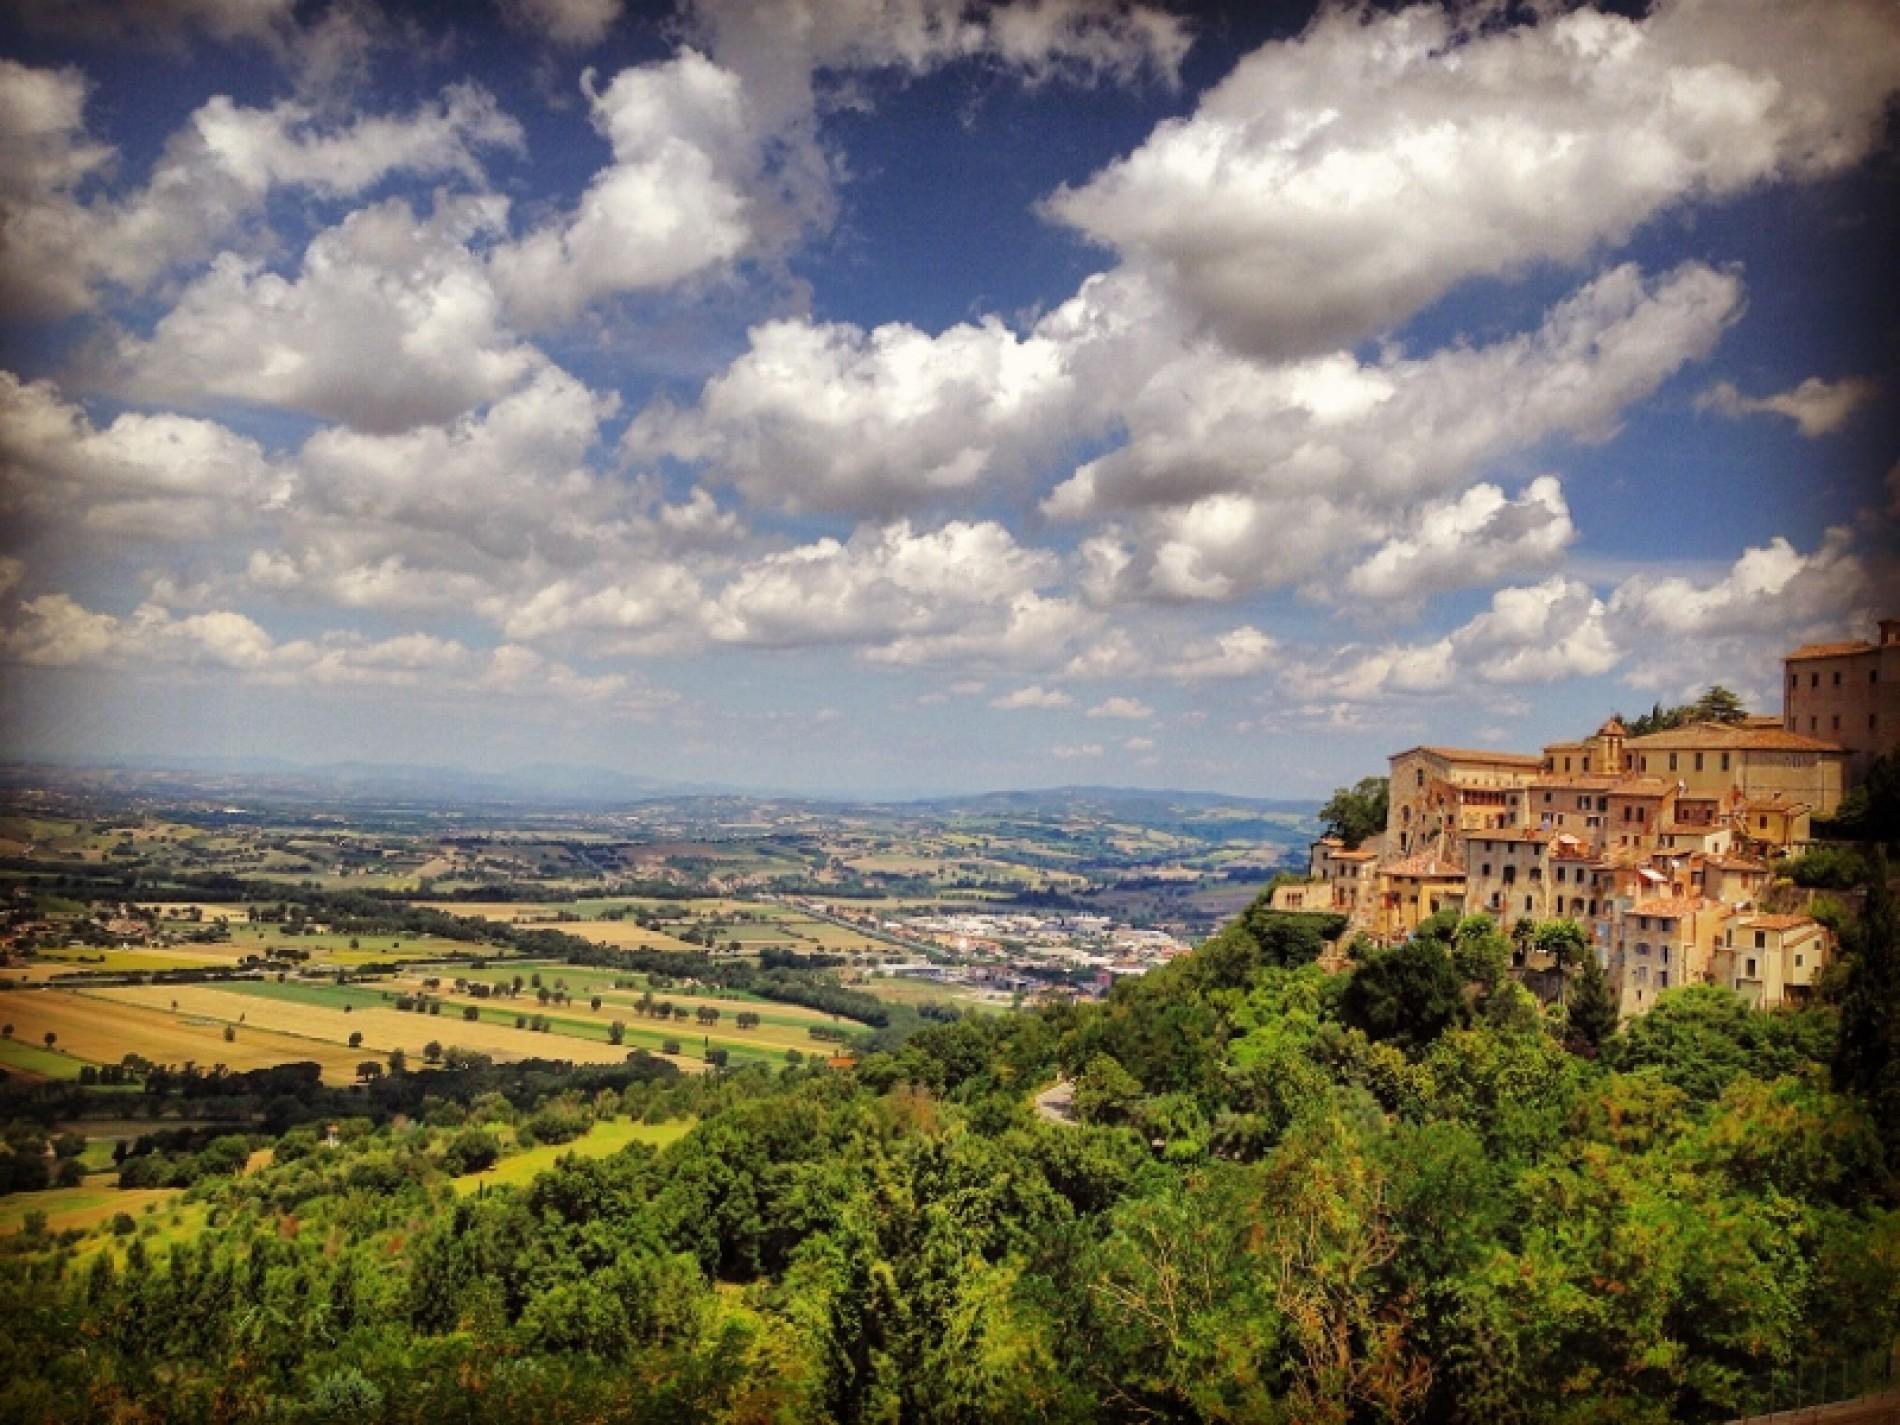 Umbria: nature, history and spirituality